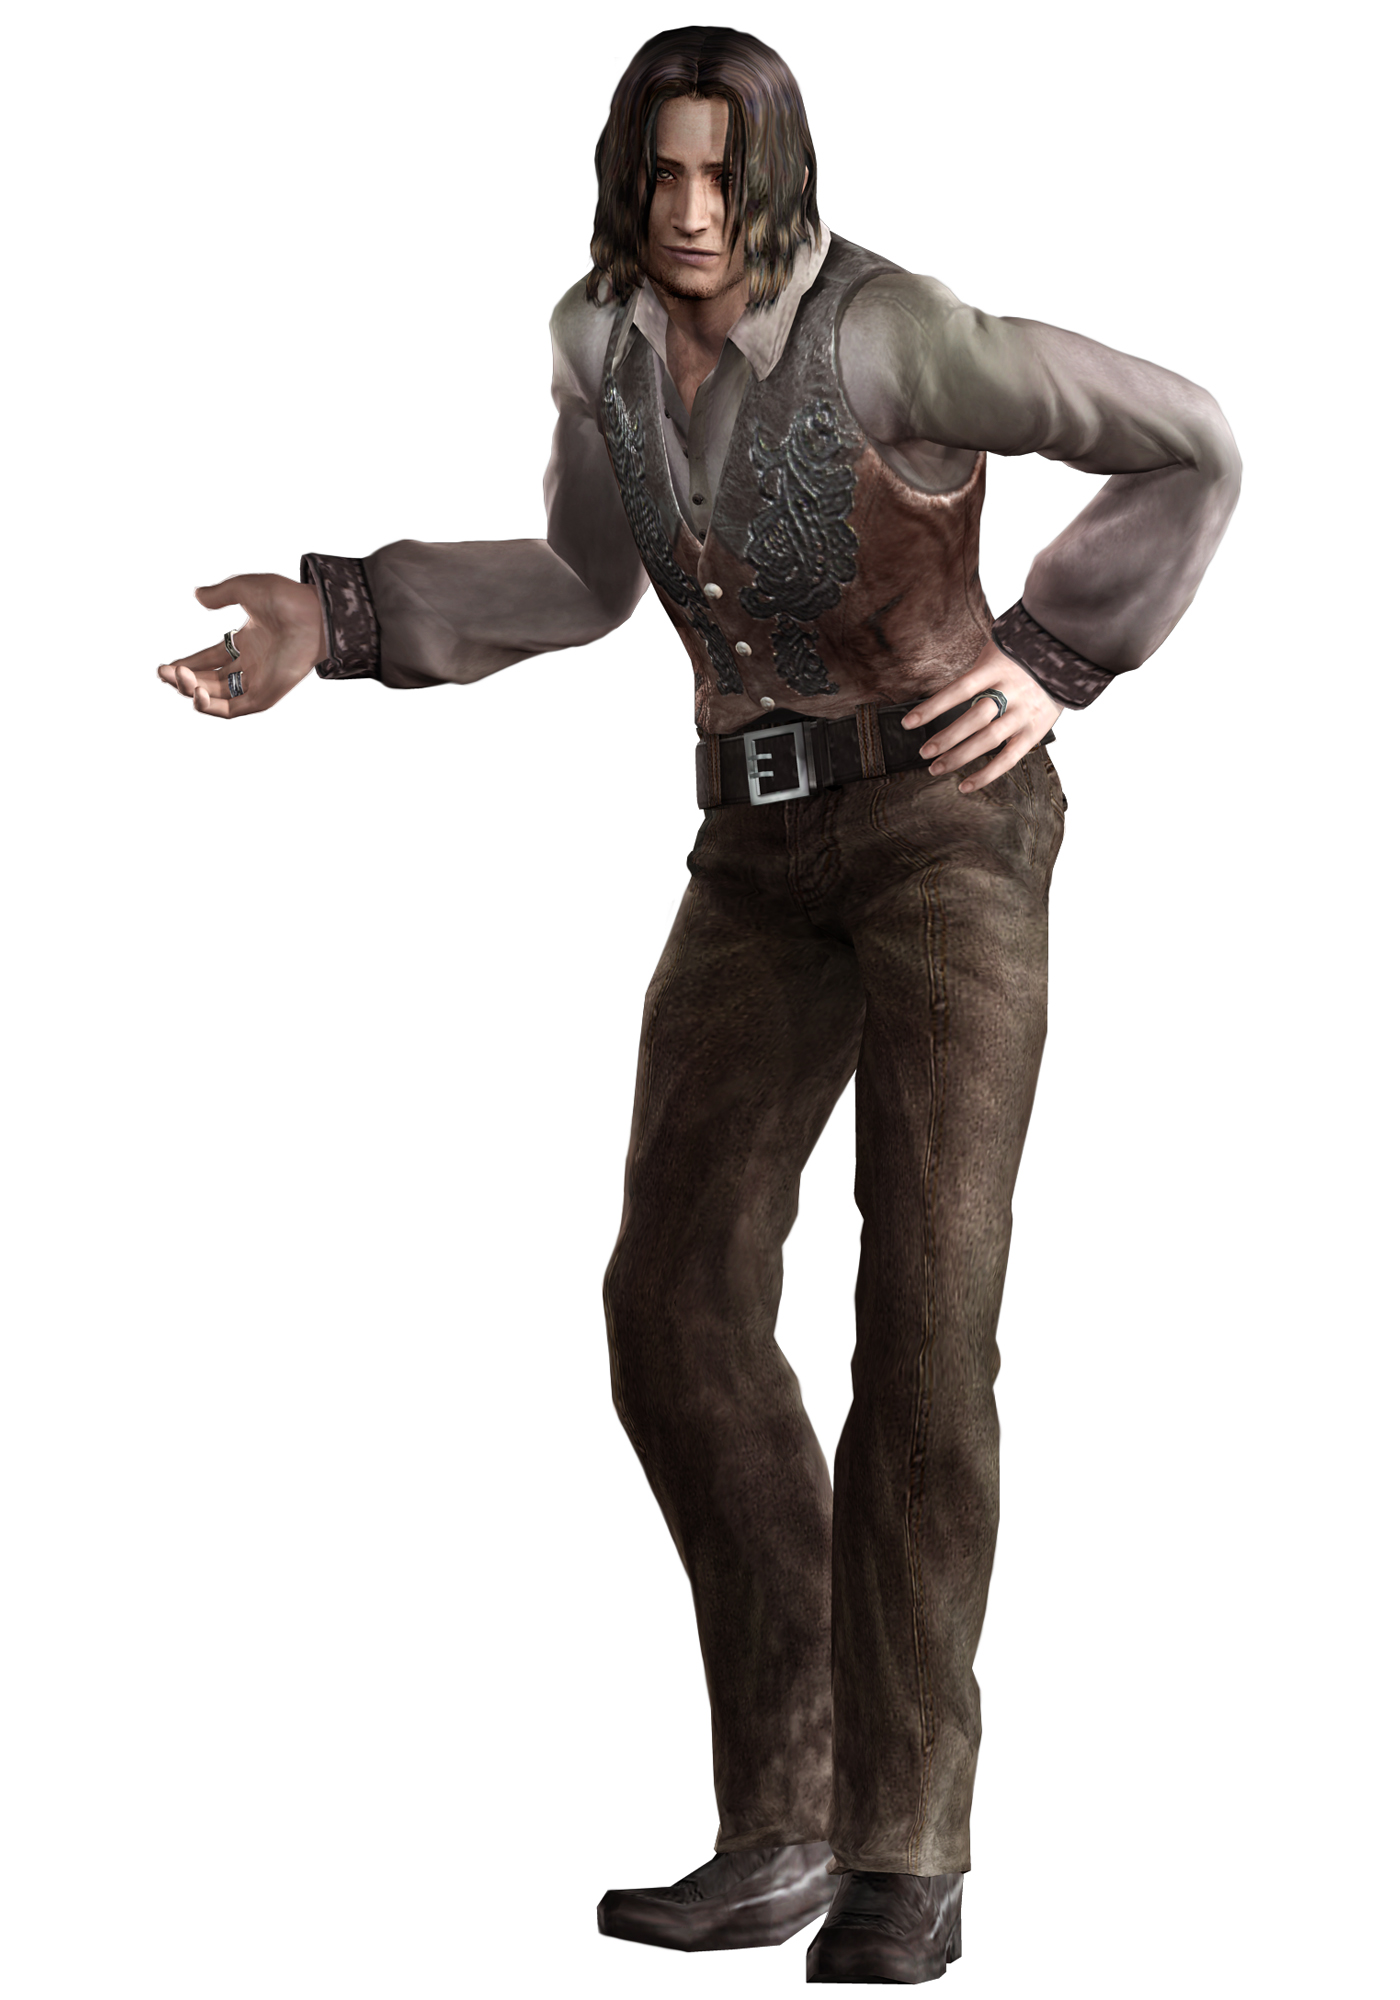 Biohazard 4 (Resident Evil 4) Residentevil4_conceptart_XkIpm